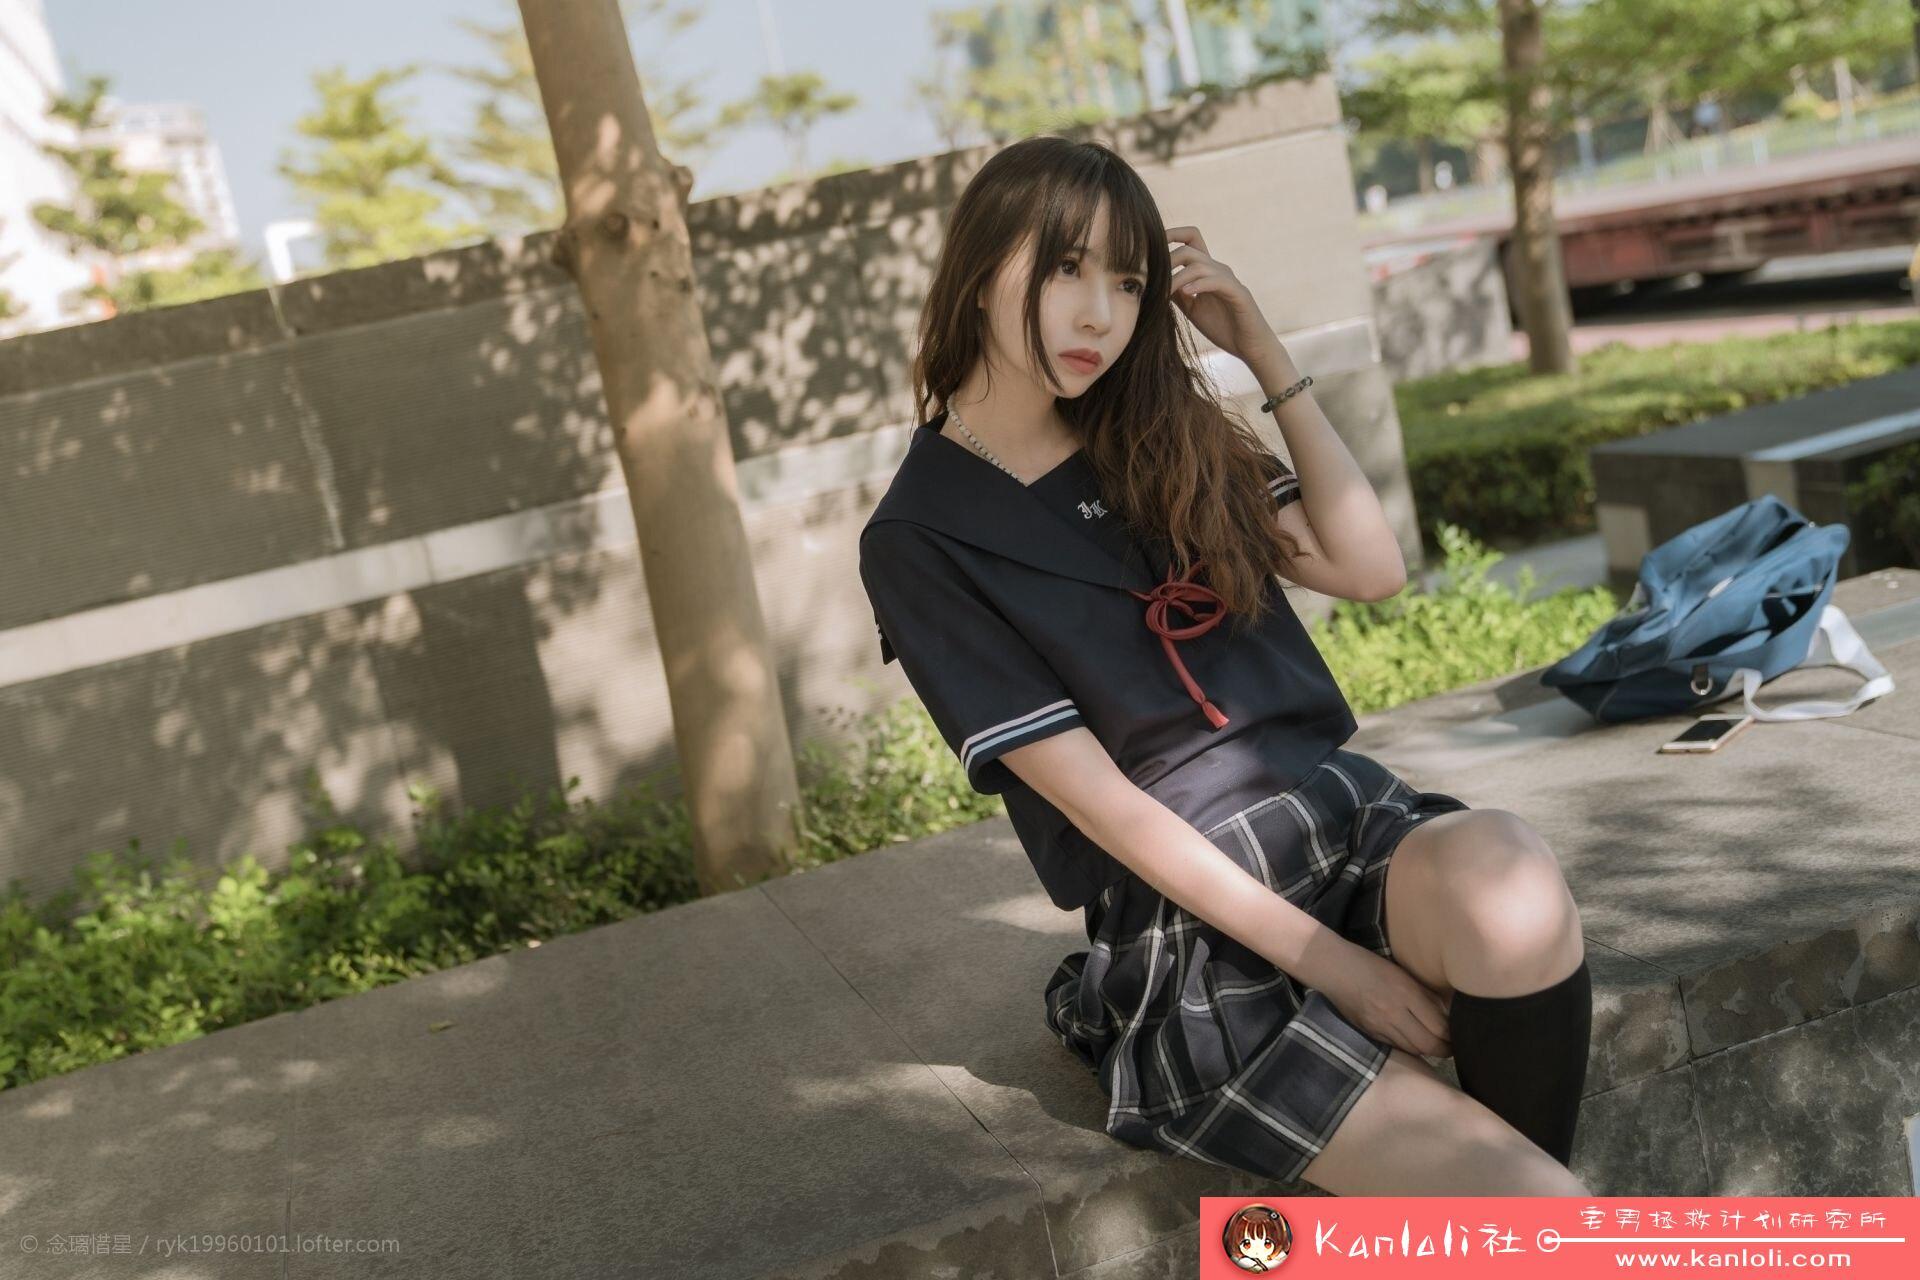 【疯猫ss】疯猫ss写真-FM-031 阳光下的美女校花 [9P]